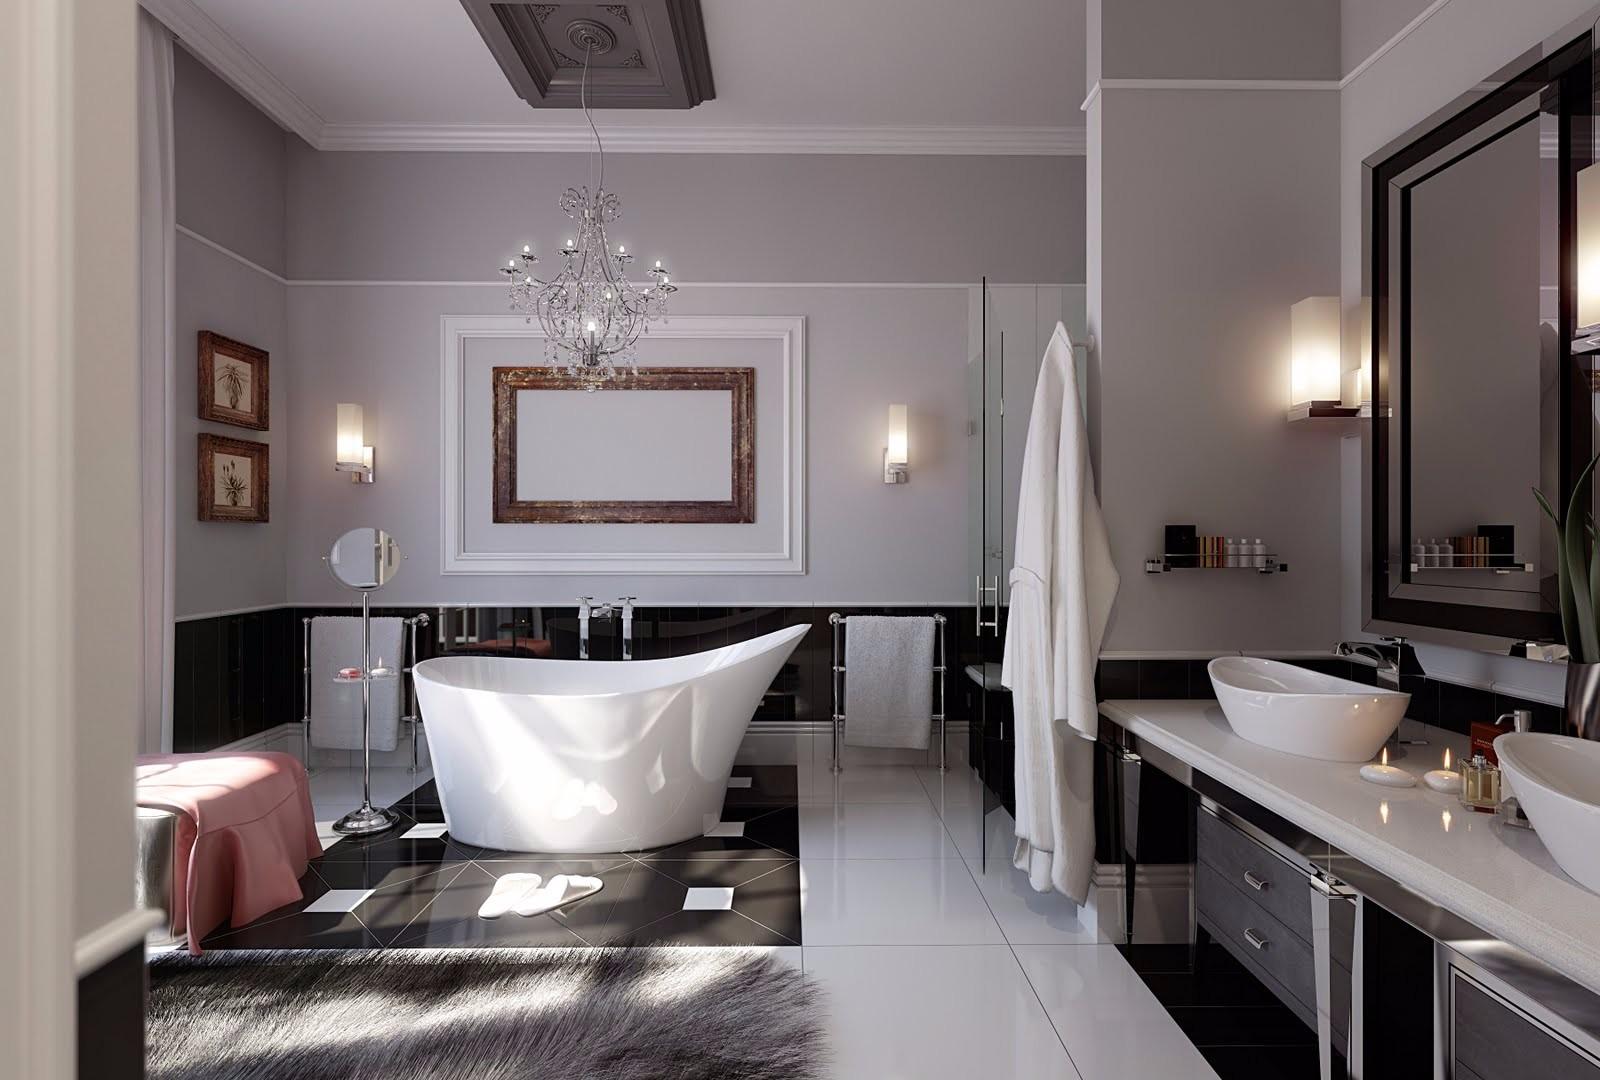 Как выбрать светильники для ванной